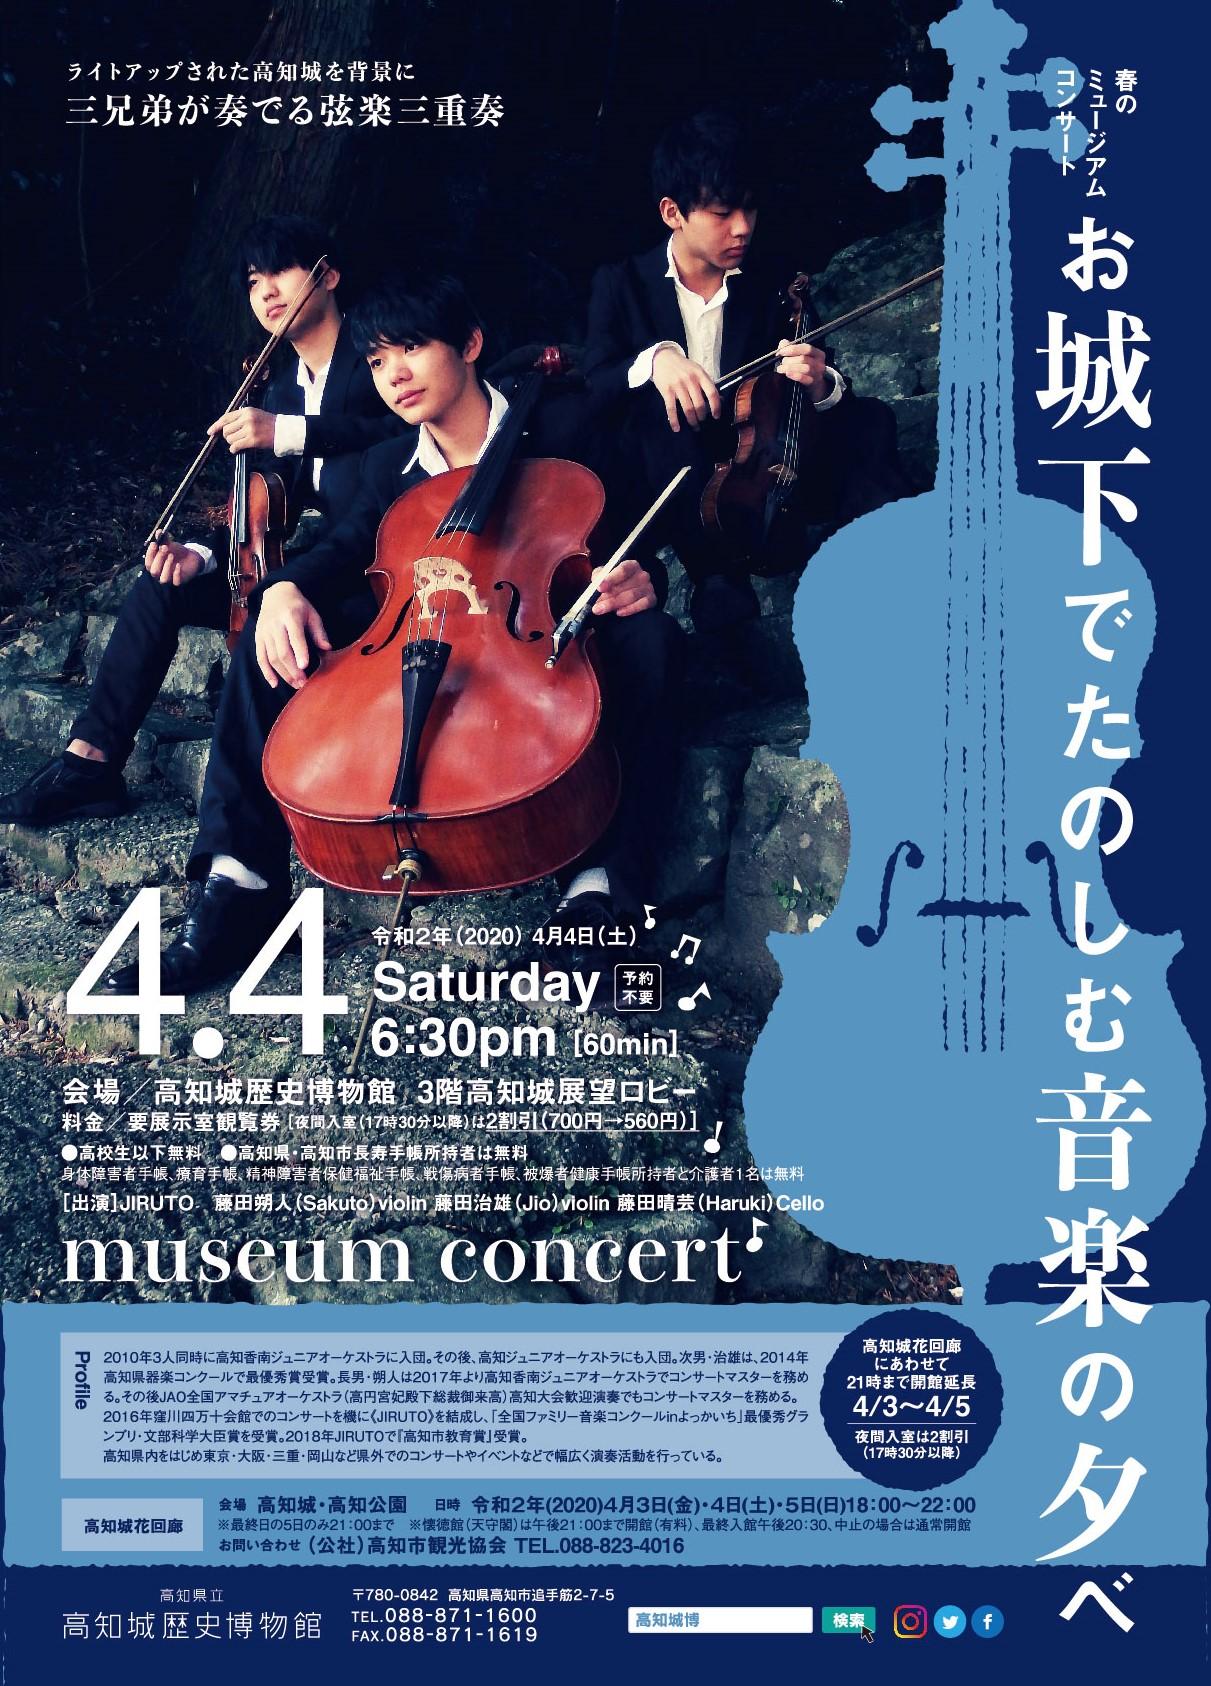 【中止】春のミュージアムコンサート~お城下でたのしむ音楽の夕べ~